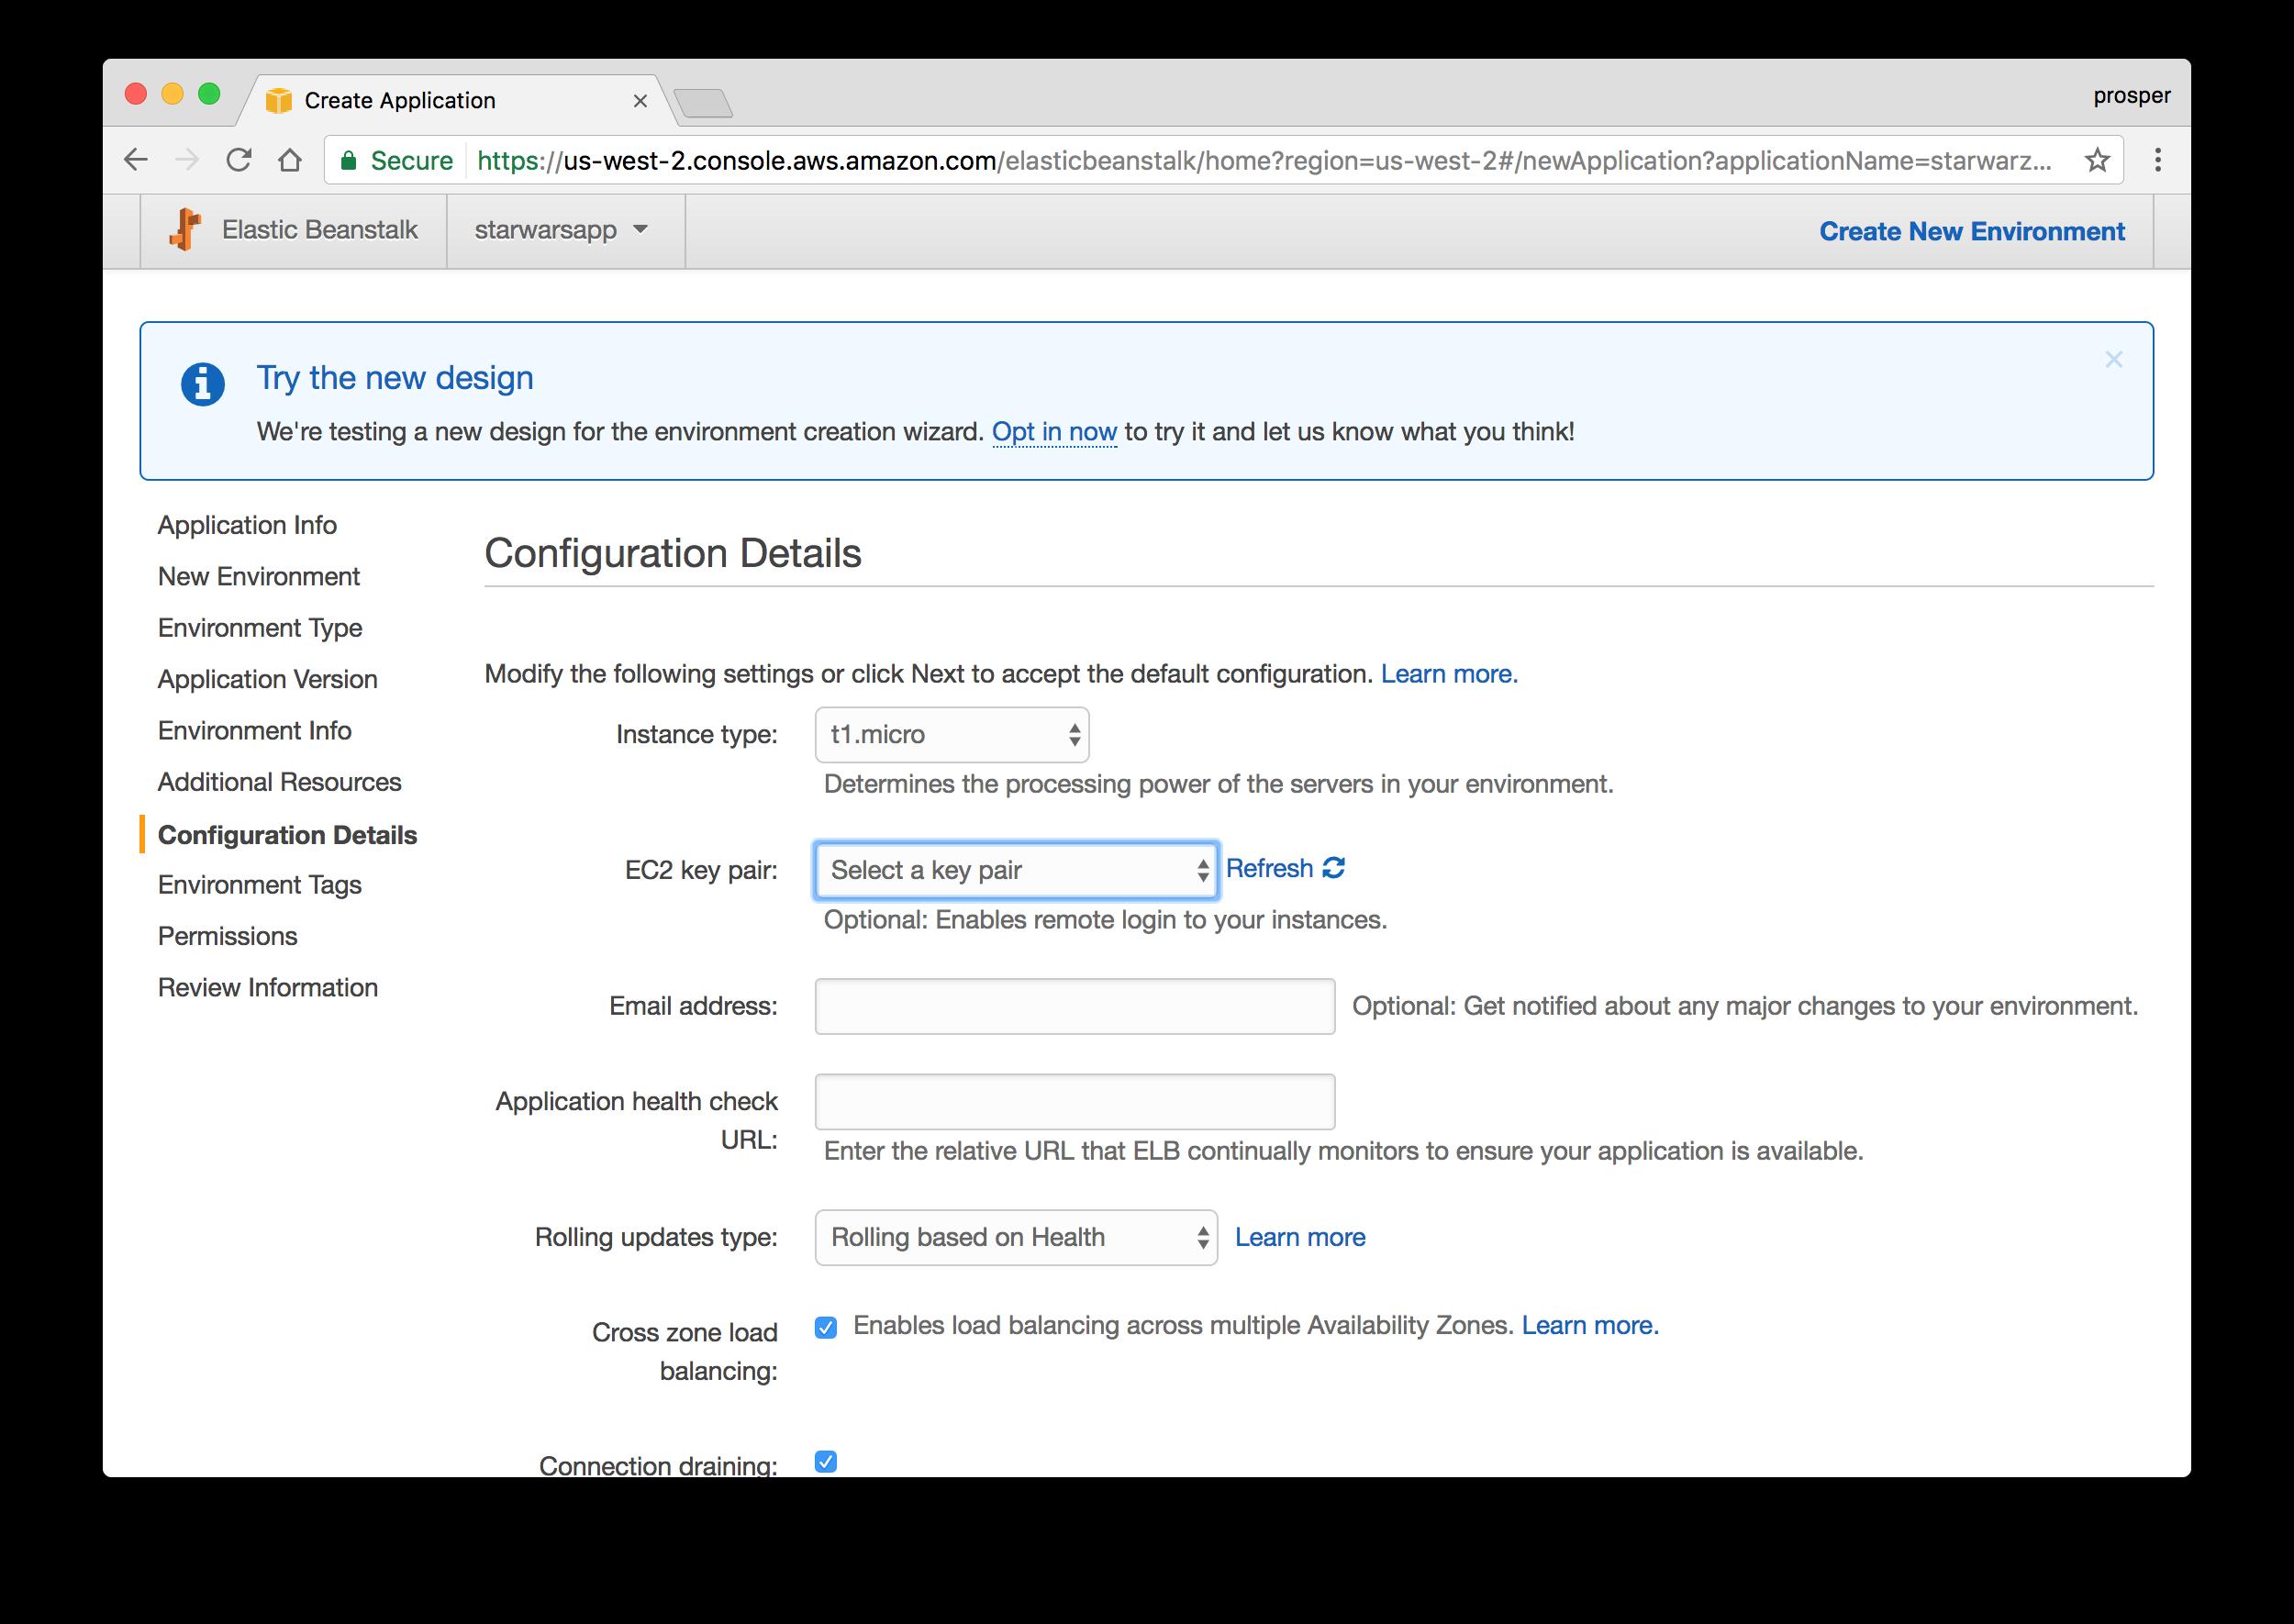 Configuration details